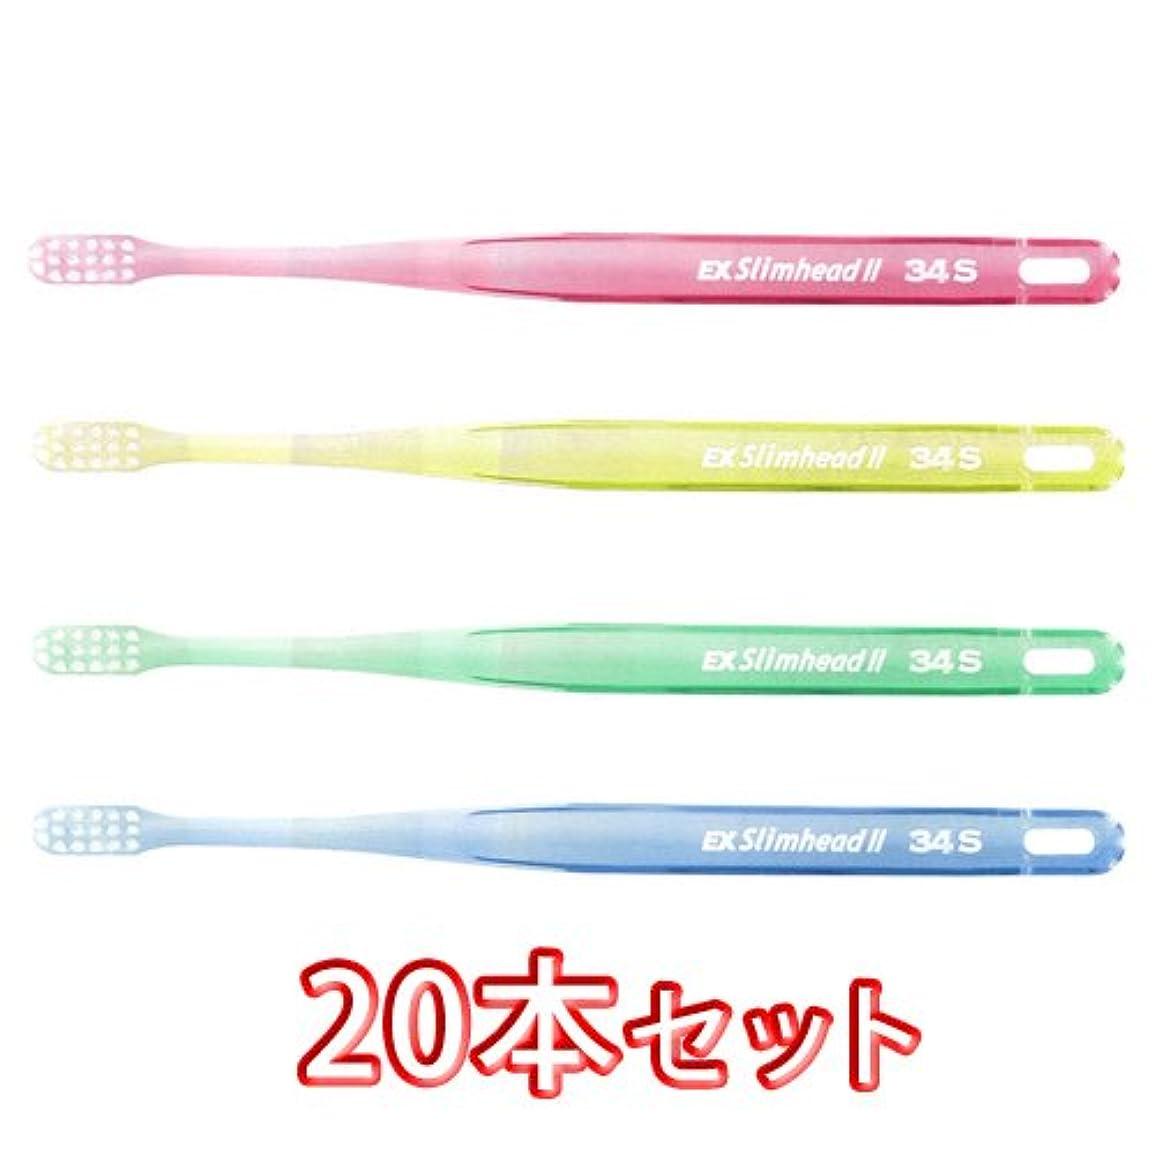 無リスナー仕事ライオン スリムヘッド2 歯ブラシ DENT . EX Slimhead2 20本入 (34S)